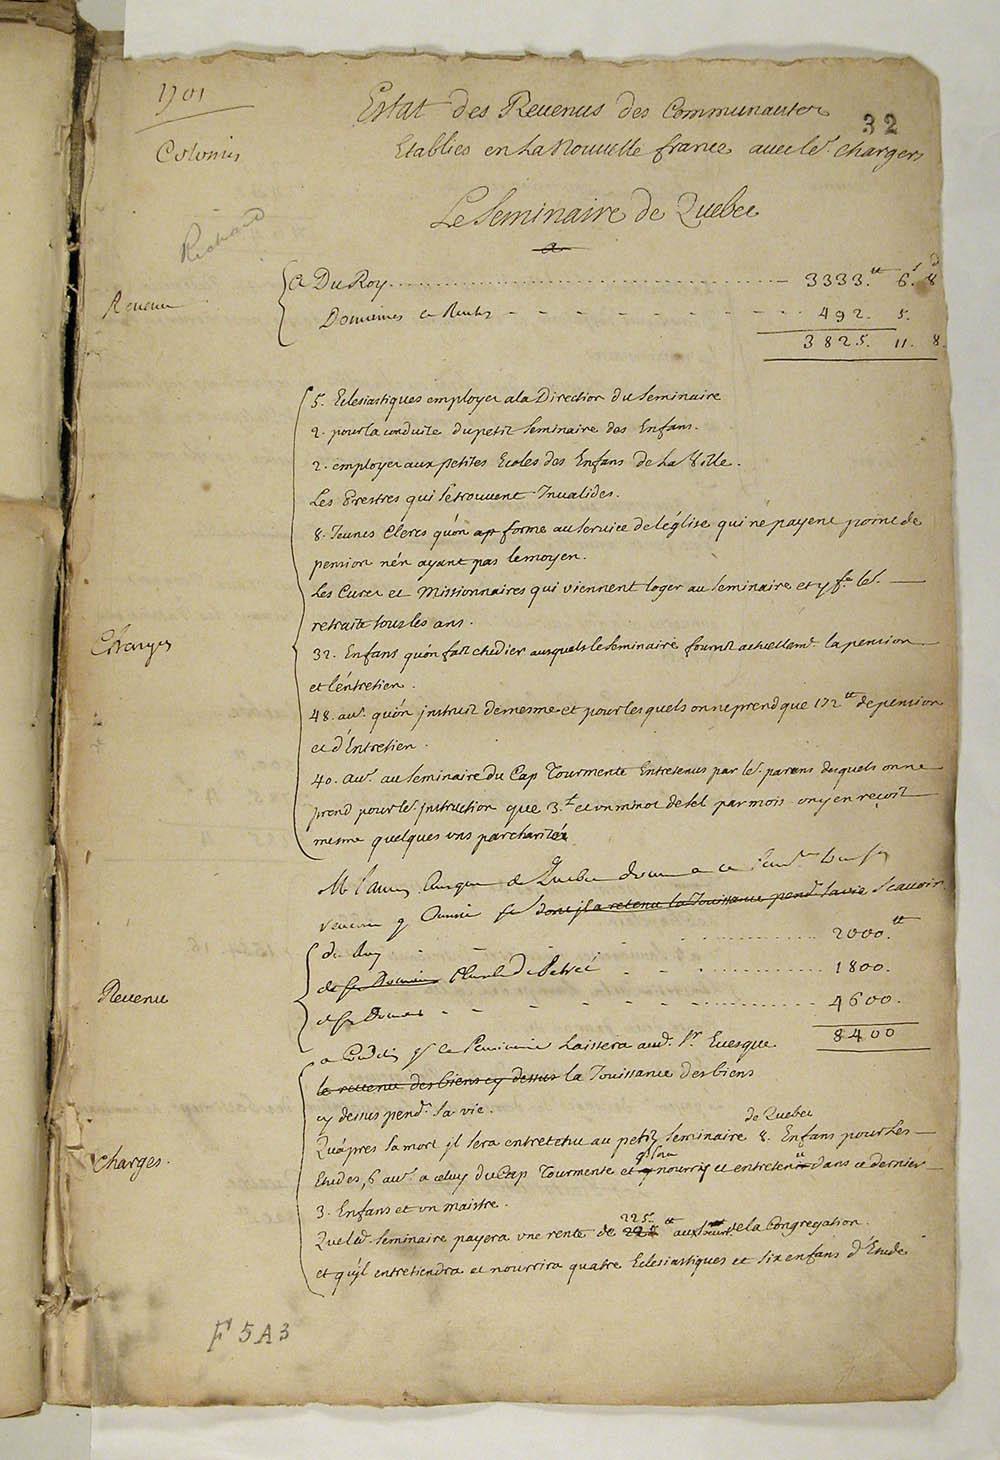 Estat des Revenus des Communautés Etablies en la Nouvelle France, avec les charges, 1701. FR CAOM COL F5A 3 fol. 32-34vo